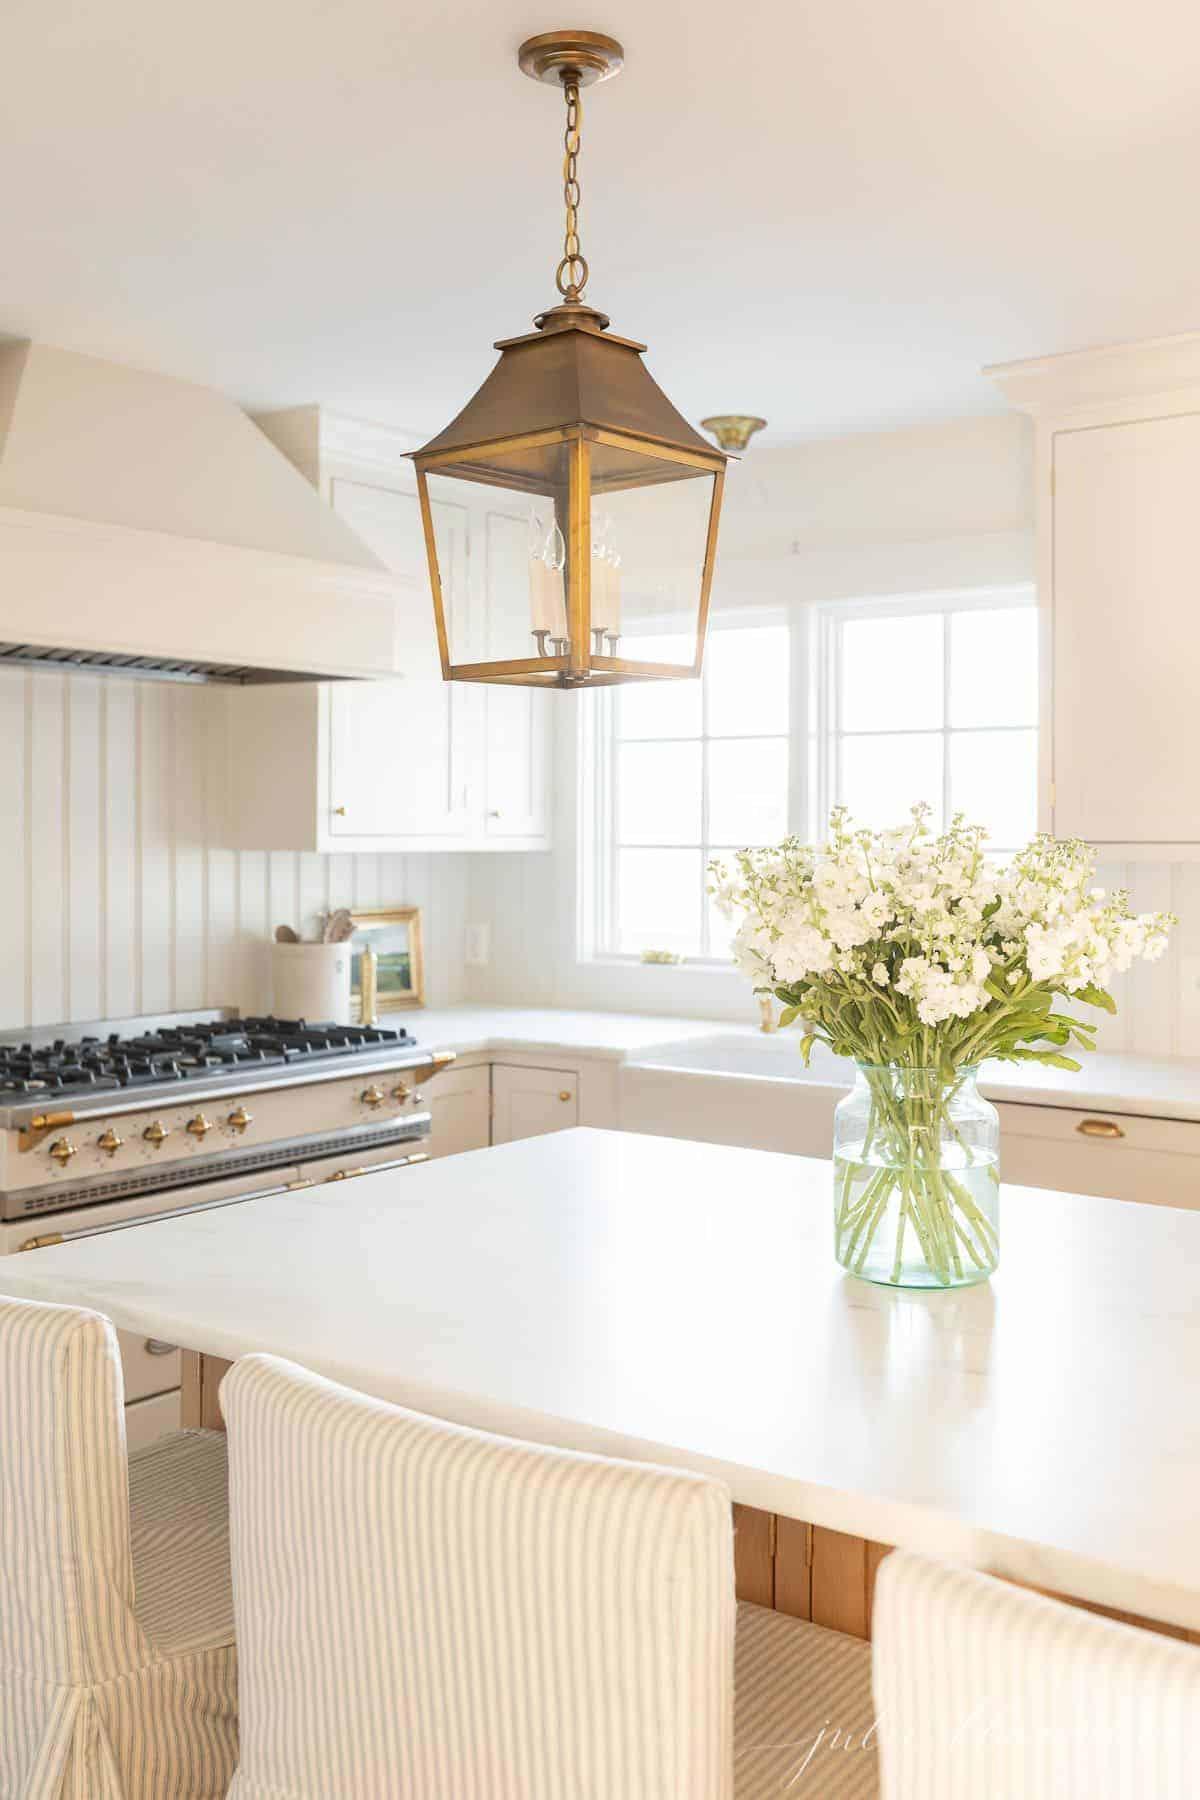 Uma cozinha branca com lanternas de latão e bancadas de mármore, com um estoque de flores na ilha.